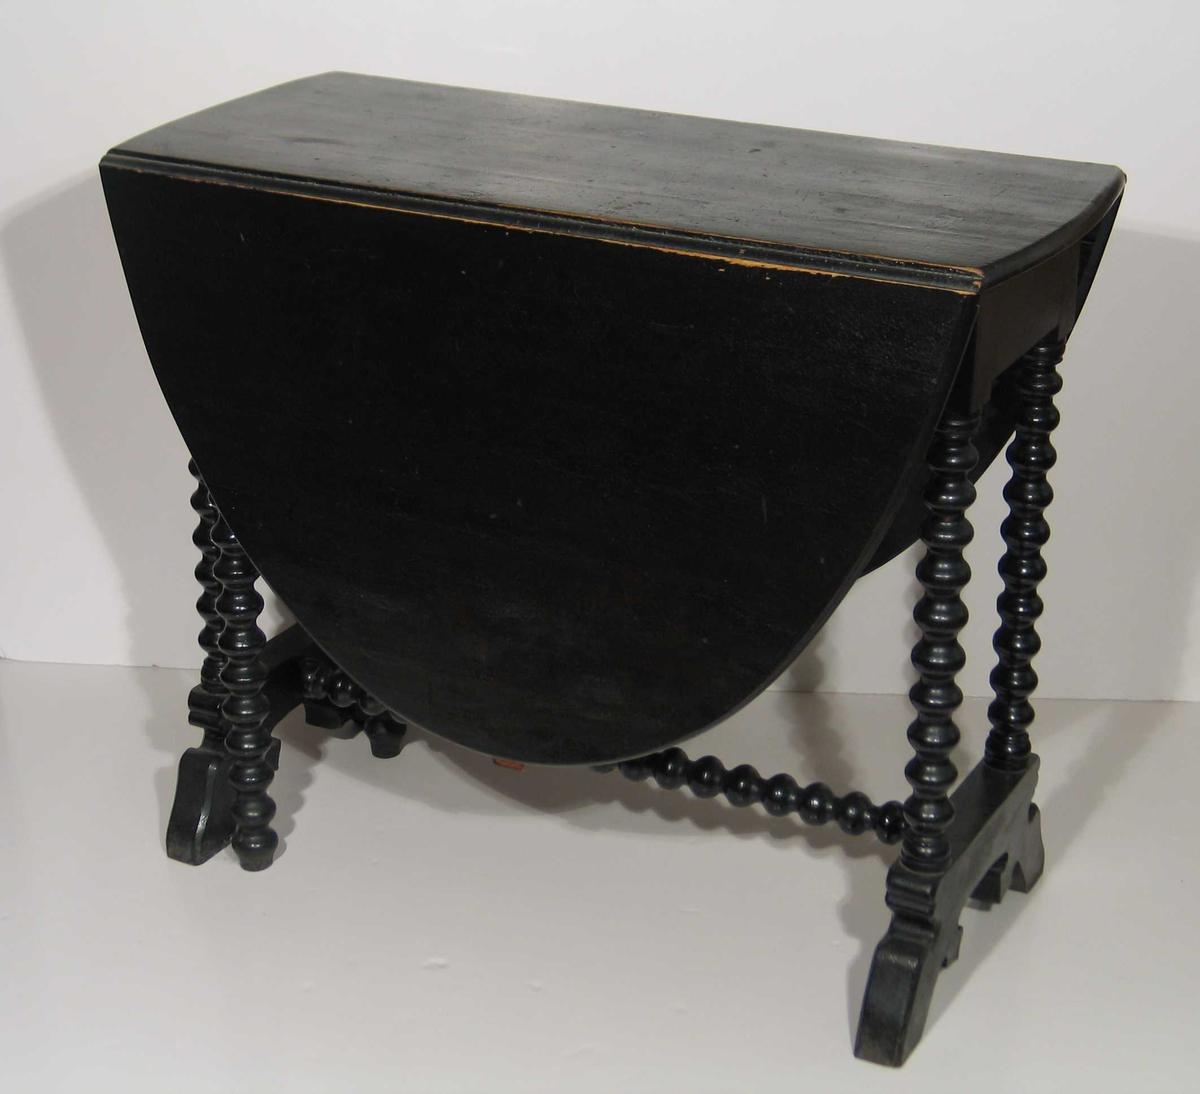 Svart klaffebord med kuledreide ben og oval plate. Rett utskåret sarg.